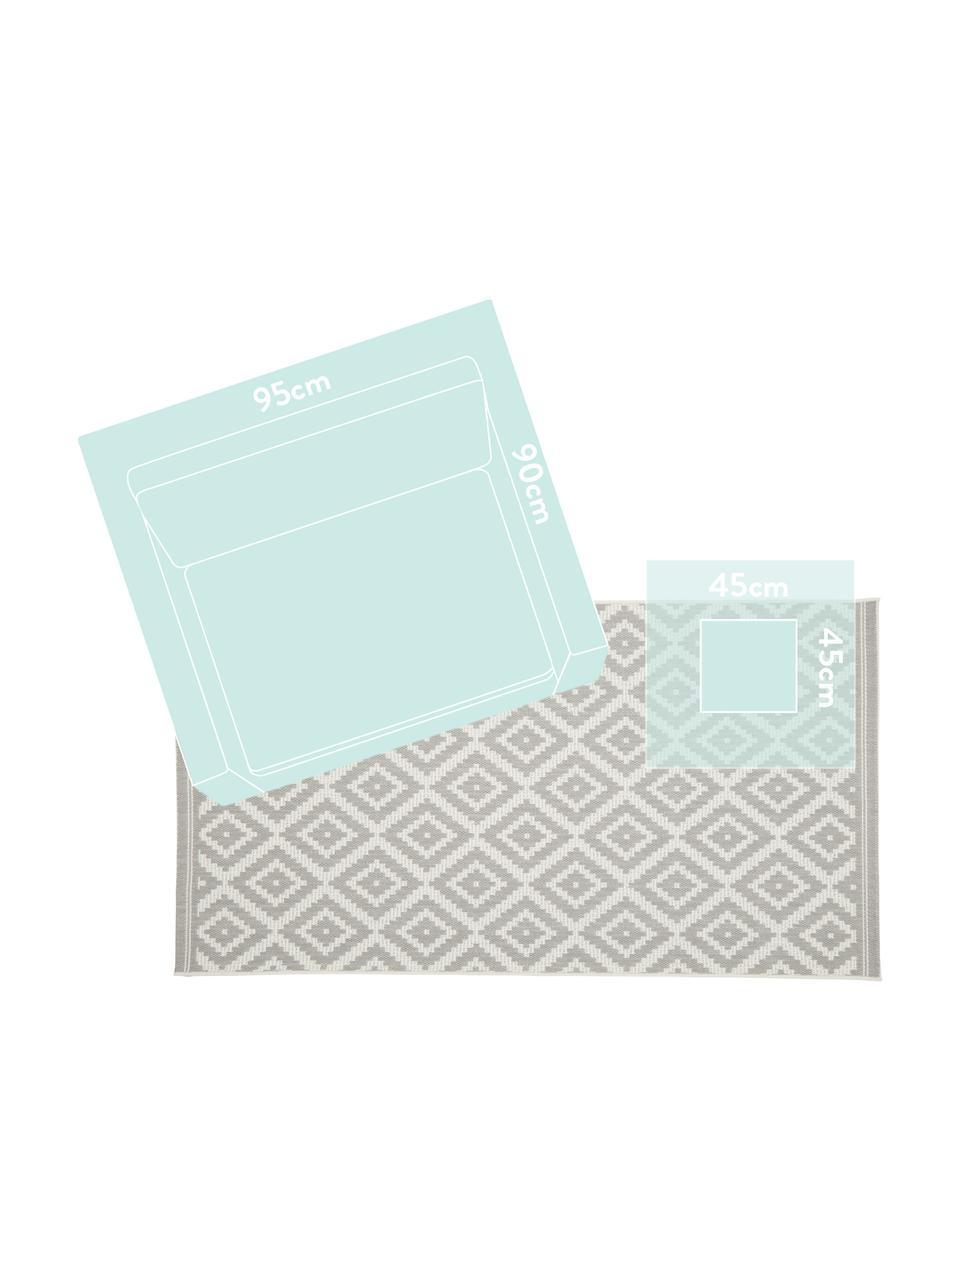 Tappeto a righe color grigio/bianco da interno-esterno Miami, 86% polipropilene, 14% poliestere, Bianco crema, grigio, Larg. 200 x Lung. 290 cm (taglia L)